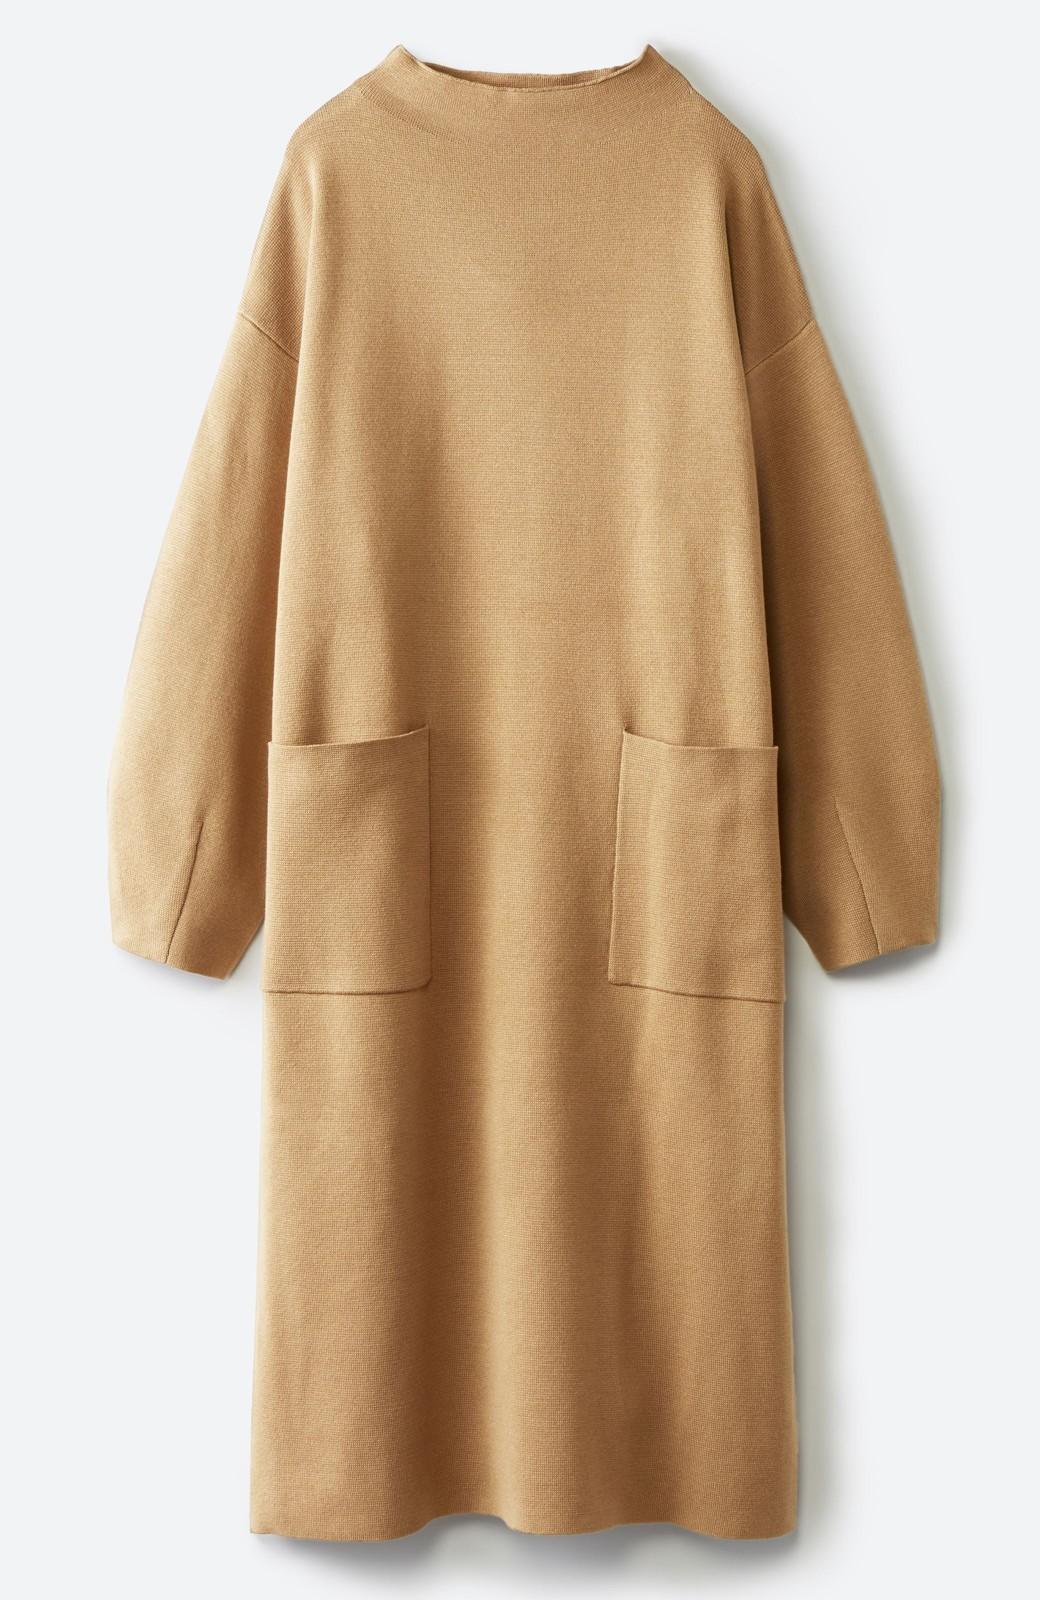 haco! お仕事にもカジュアルな重ね着にも使えて便利なミラノリブニットワンピース  <ベージュ>の商品写真4